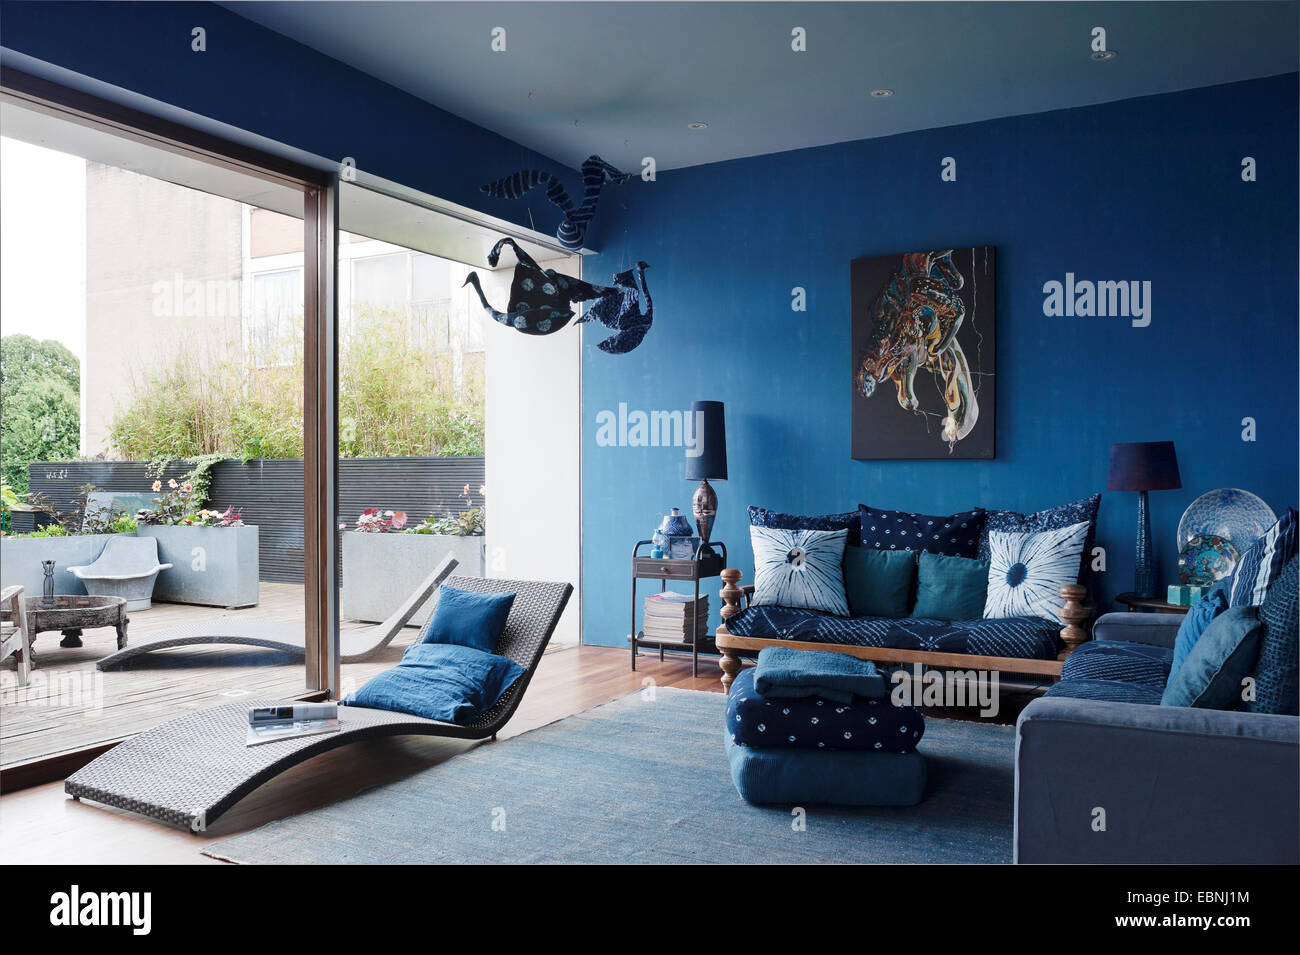 Blauen Wohnzimmer Mit Franzosischen Fenstern Das Sofa Auf